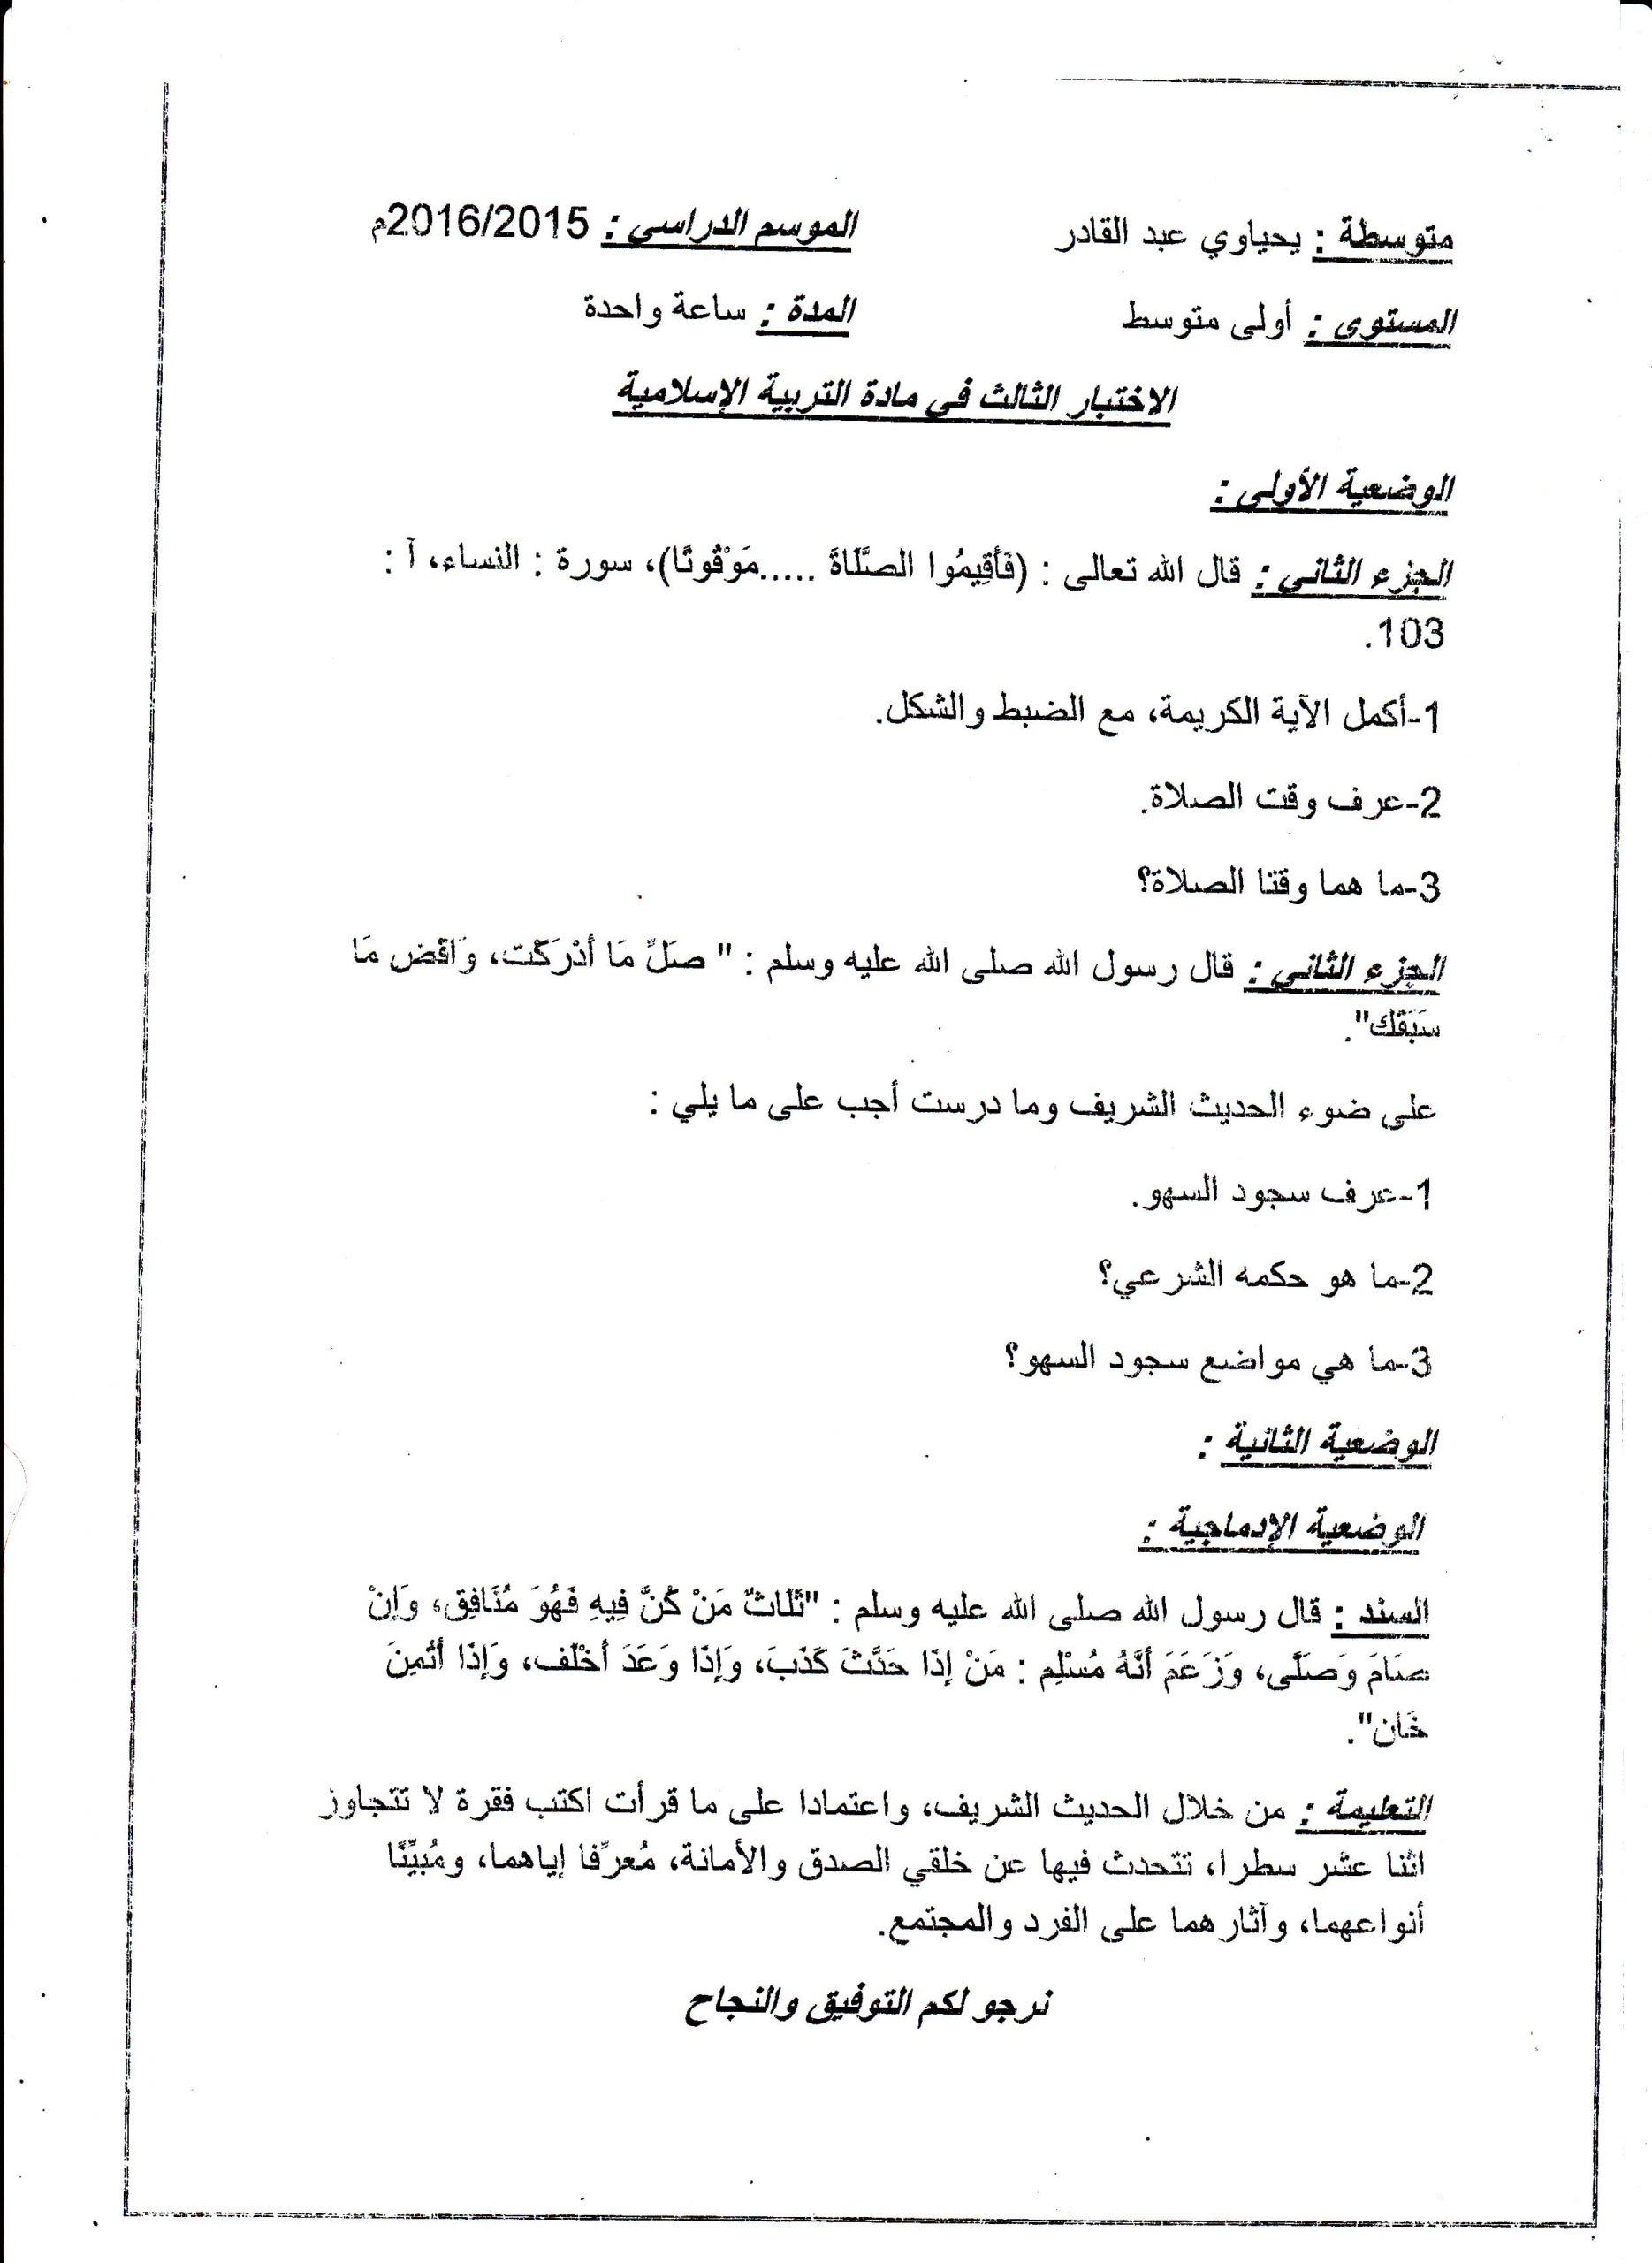 اختبار الفصل الثالث في التربية الاسلامية للسنة الأولى متوسط - الموضوع 01